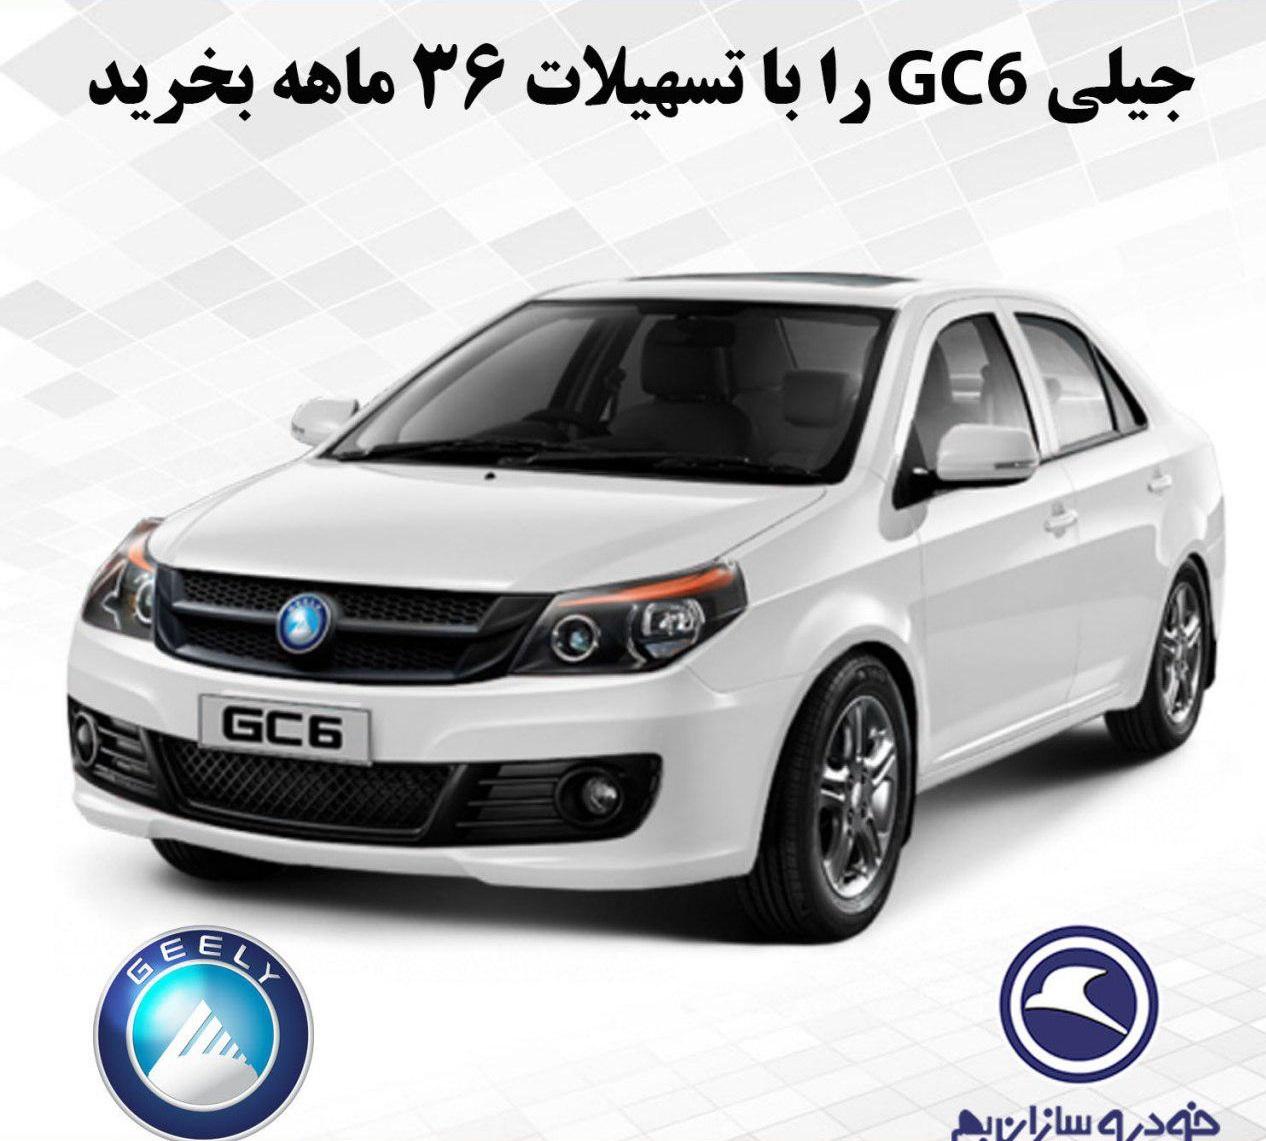 فروش اقساطی جیلی GC6 - خودروسازان بم (دی 96)